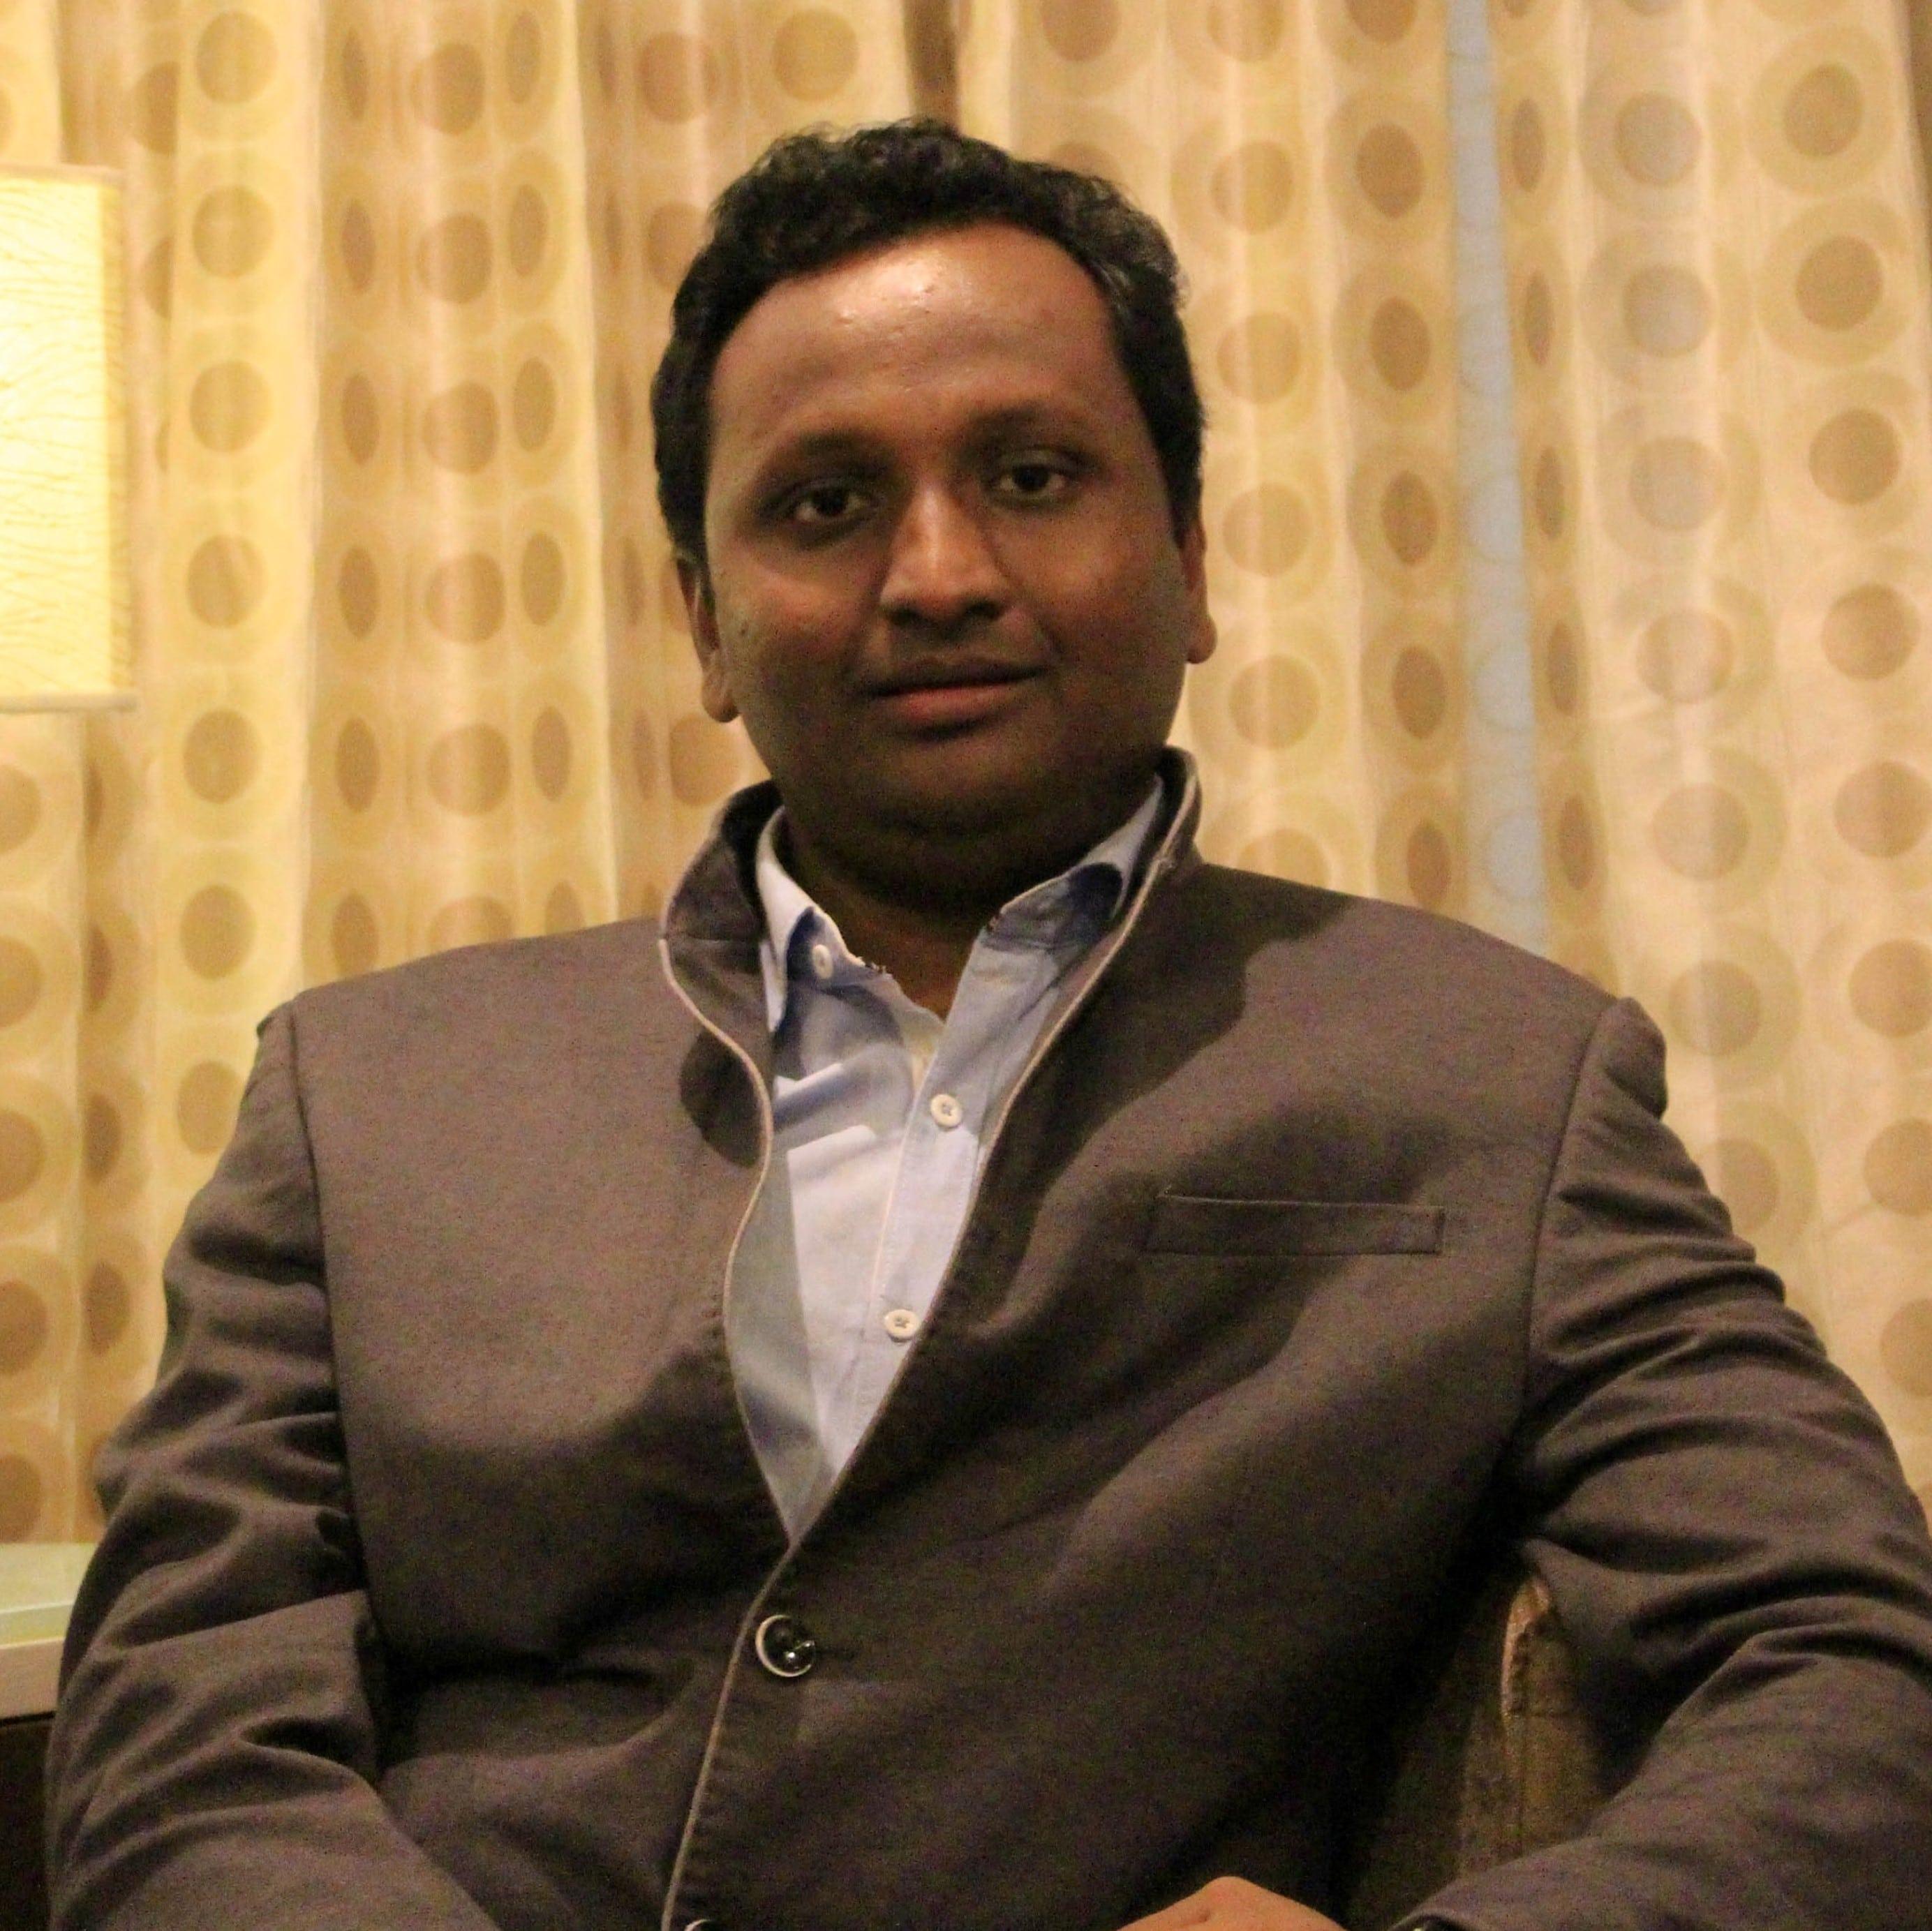 Sudhir_Gupta